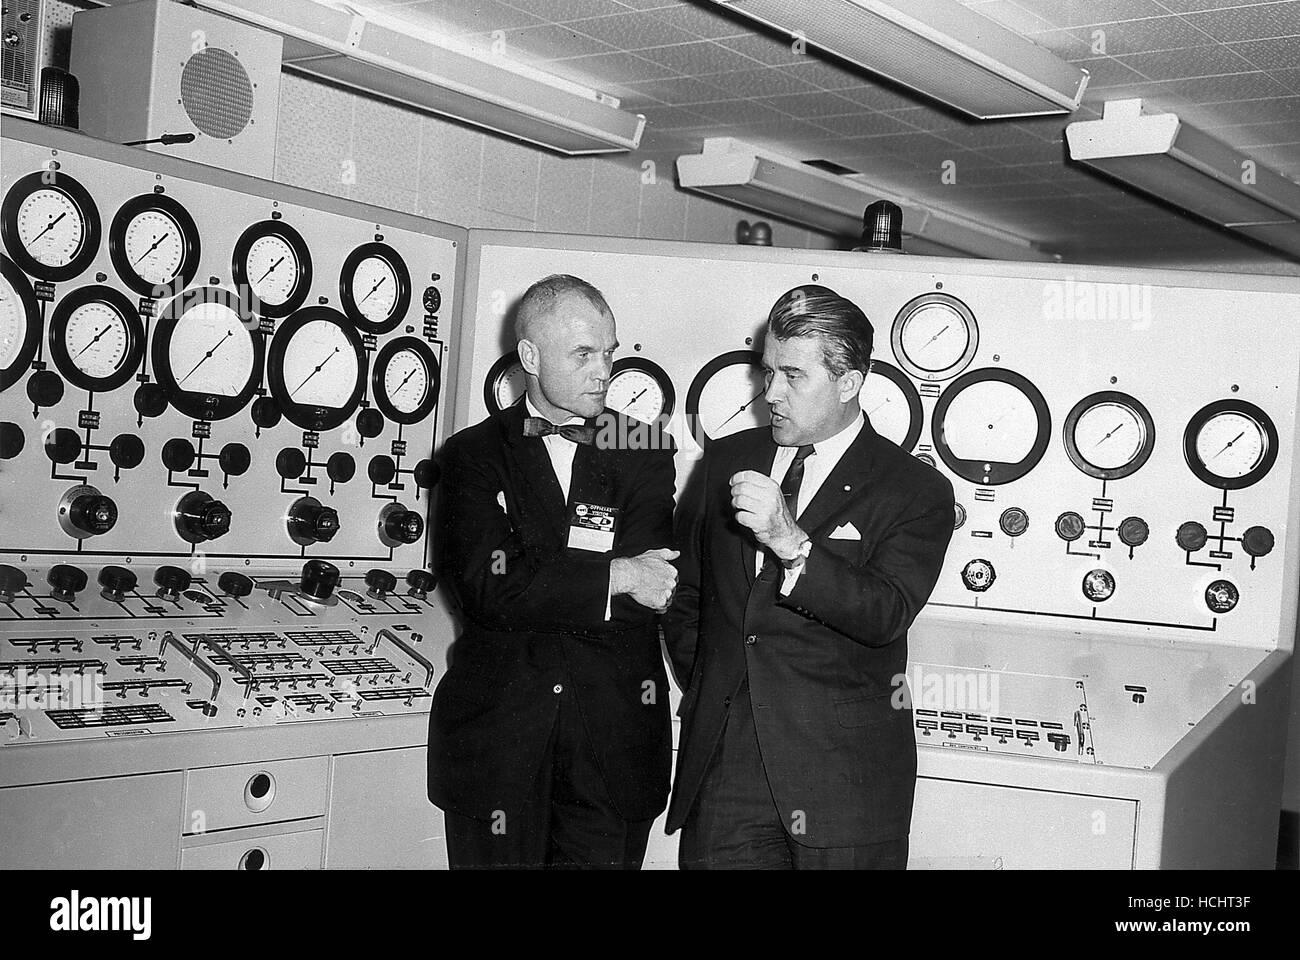 Le Dr Wernher von Braun, droite, mémoires l'astronaute John Glenn, à gauche, dans la salle de contrôle de l'essai du véhicule Section, Division Assurance Qualité, Marshall Space Flight Center (MSFC) à Huntsville, Alabama, le 28 novembre 1962.Source: NASA via CNP - AUCUN FIL SERVICE - Photo: NASA/consolidé Nouvelles Photos/NASA via CNP Banque D'Images